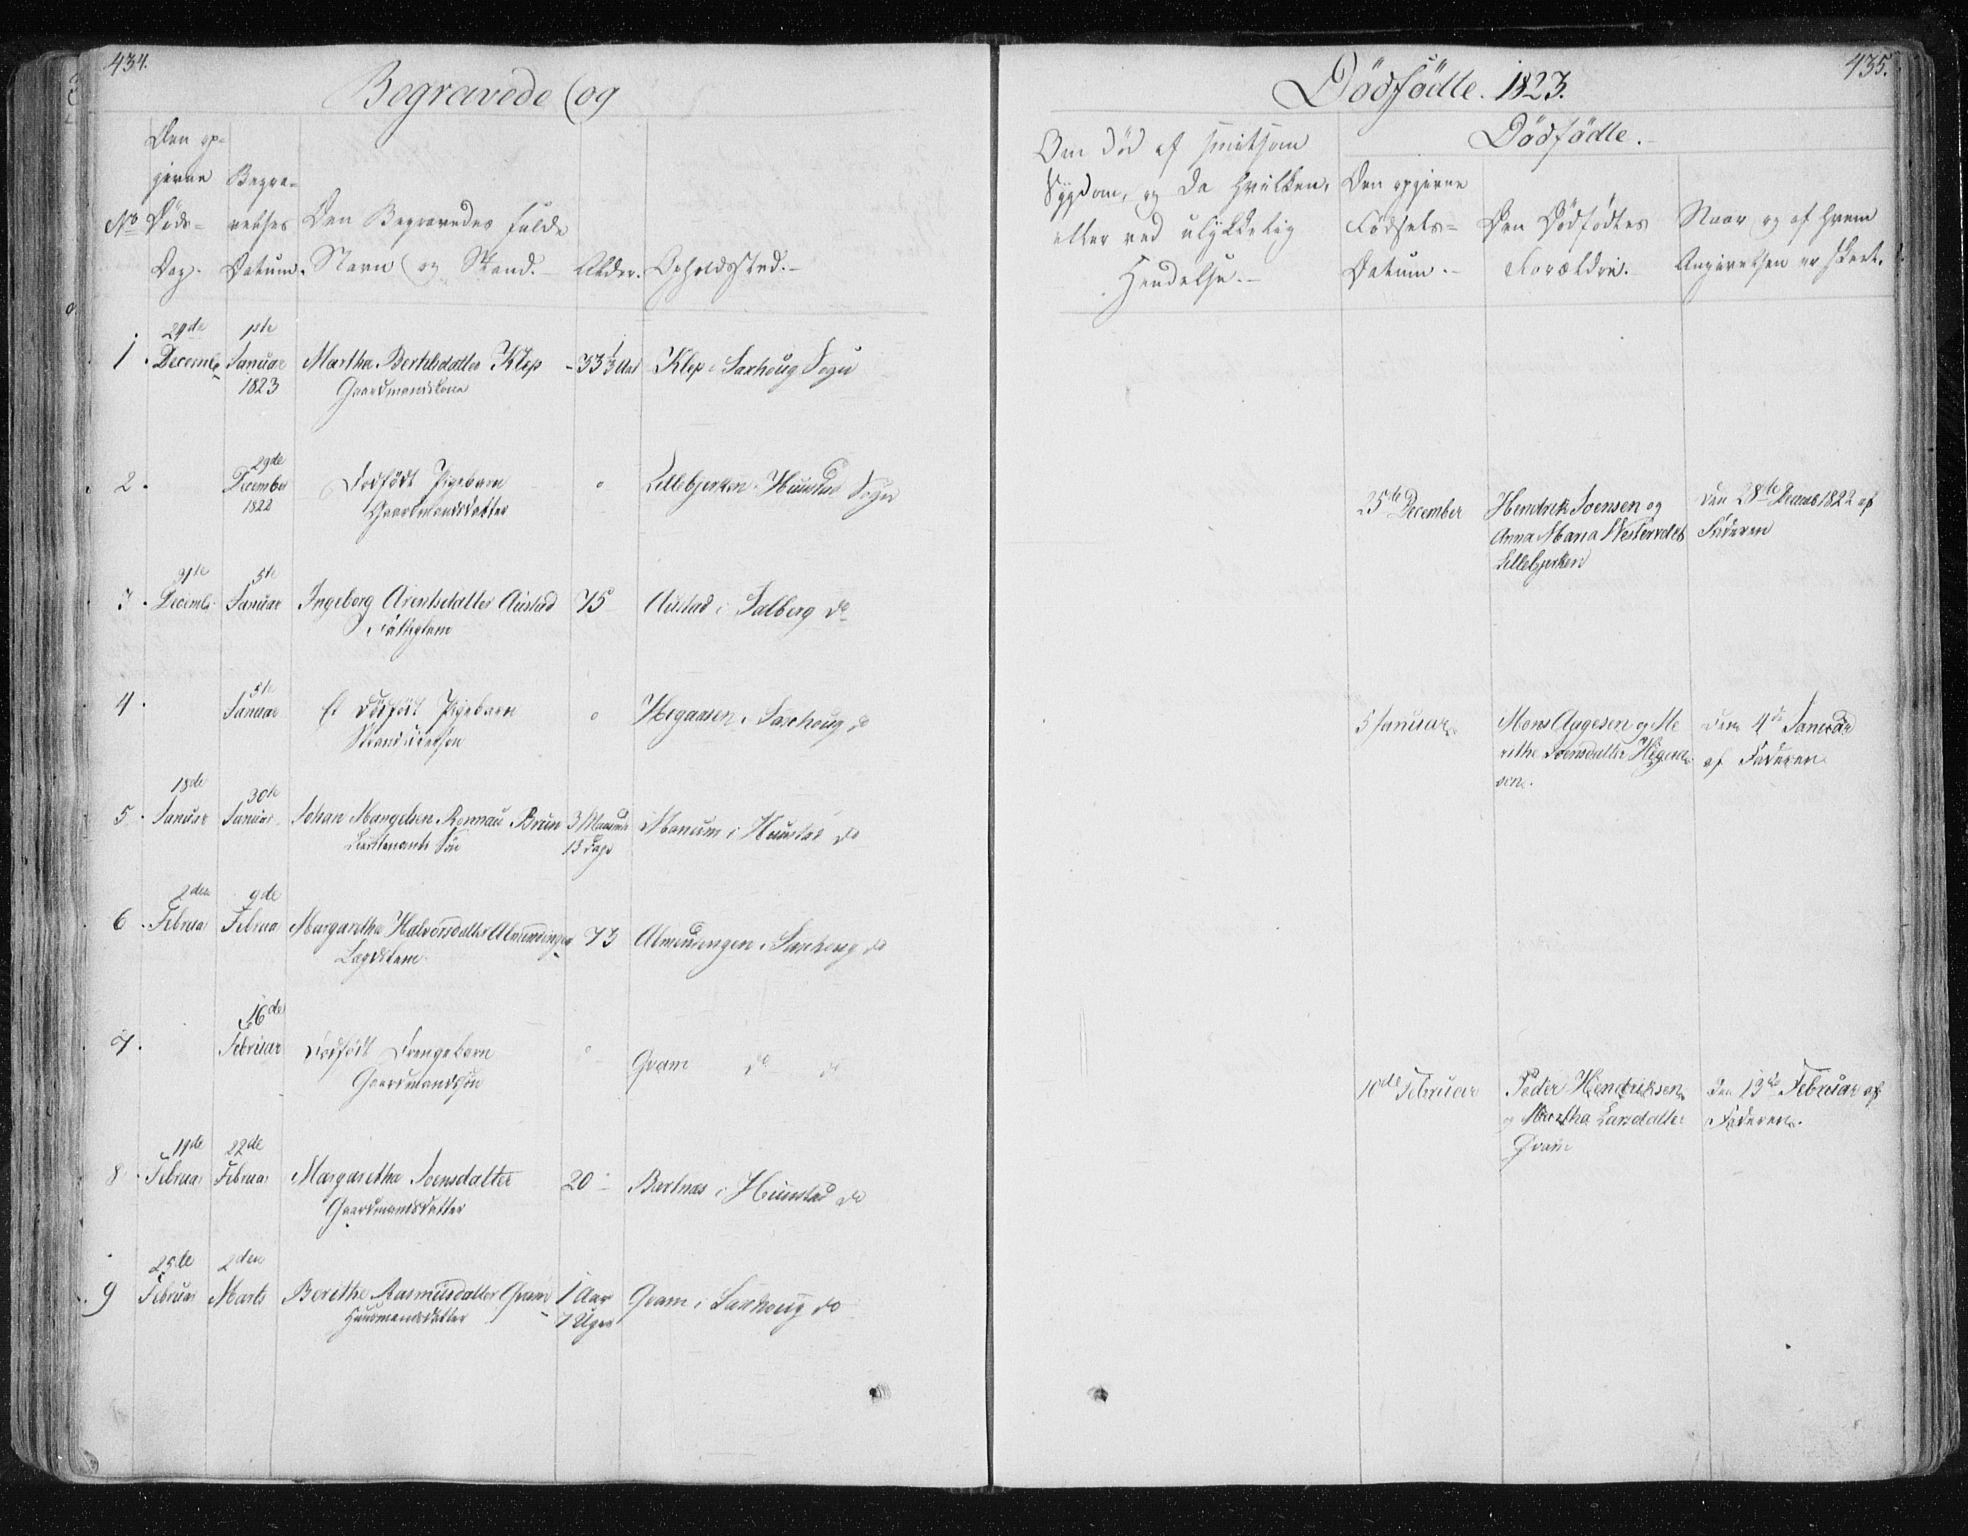 SAT, Ministerialprotokoller, klokkerbøker og fødselsregistre - Nord-Trøndelag, 730/L0276: Ministerialbok nr. 730A05, 1822-1830, s. 434-435